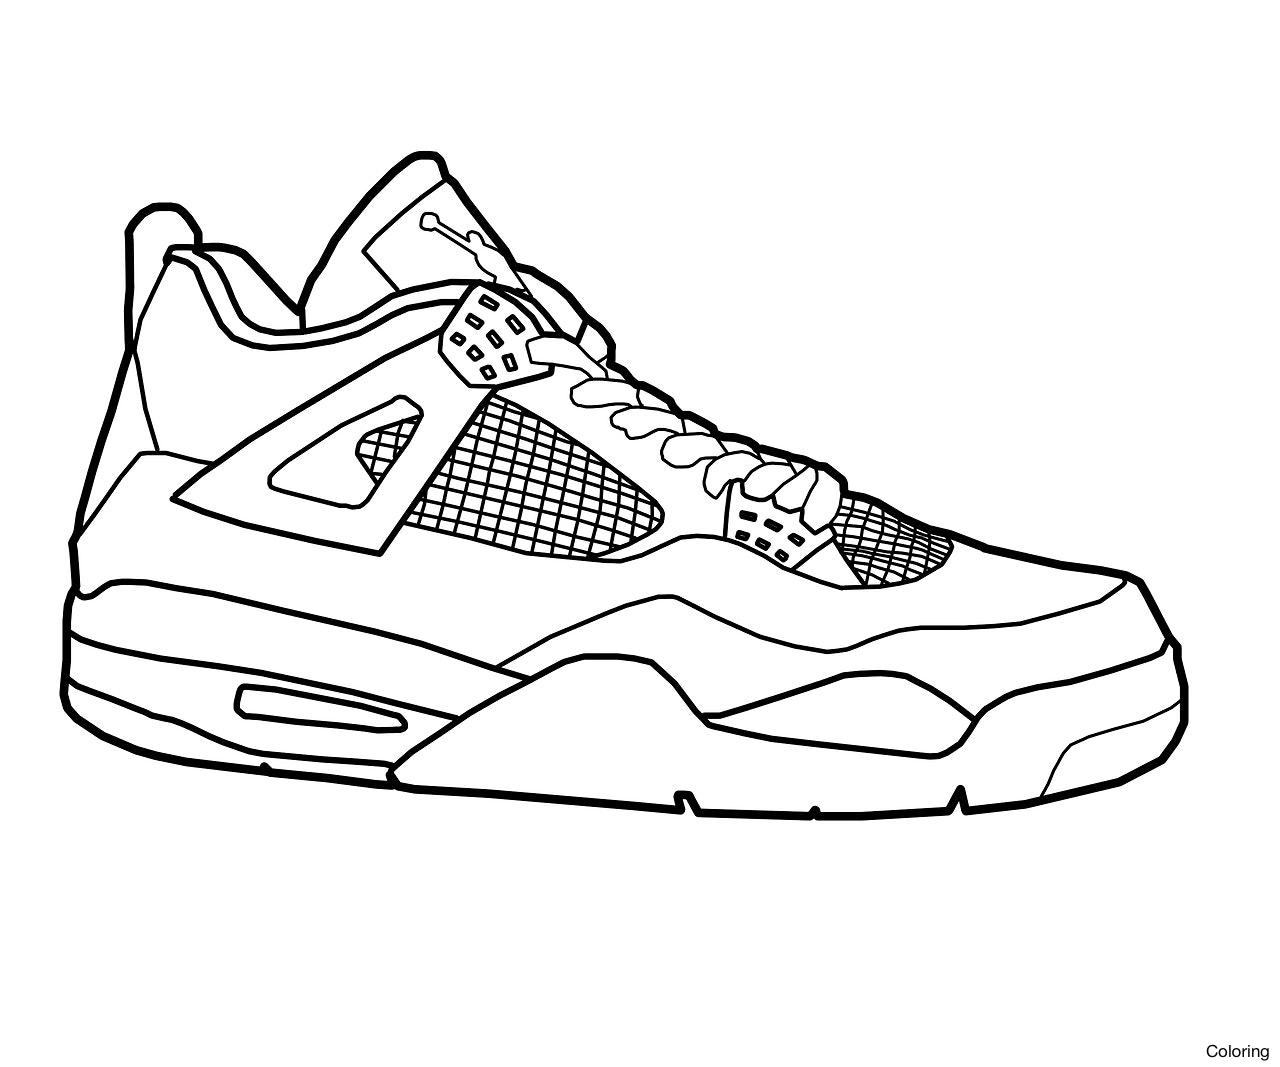 1280x1067 Nike Coloring Pages 2 Color 392586 3f Shoes Shoe Nick Diaiz